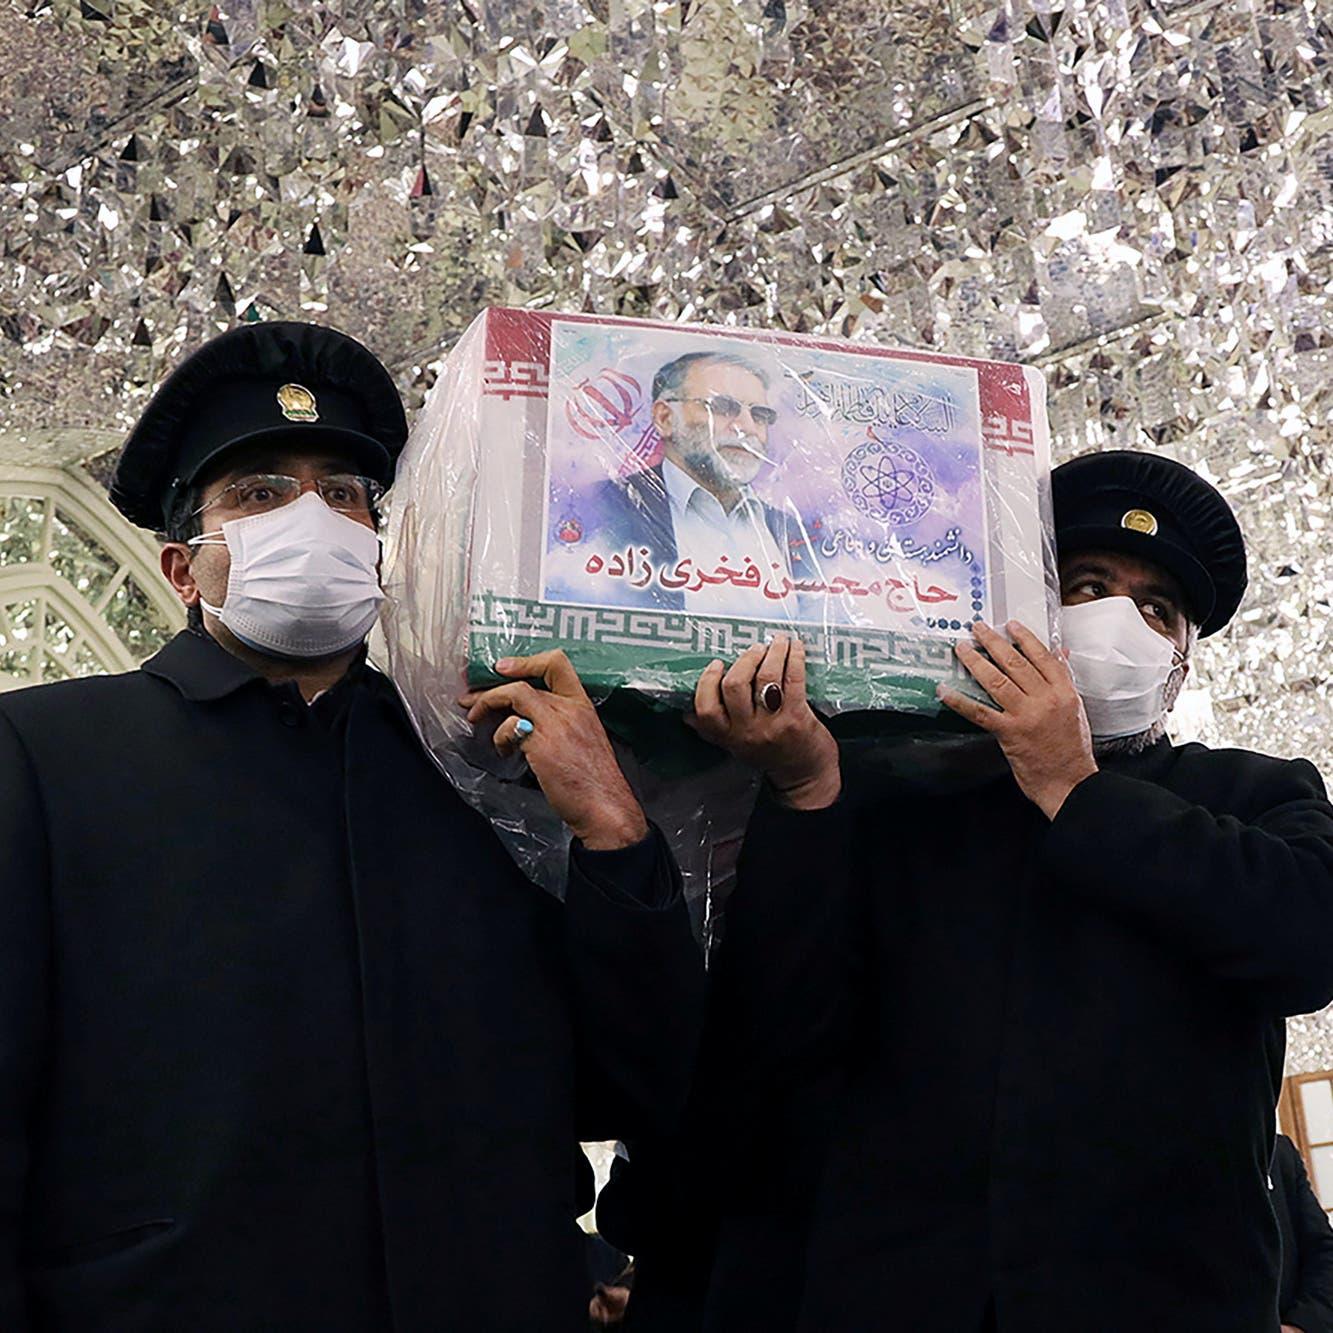 طهران: تحديد أشخاص علىصلة باغتيال فخري زاده